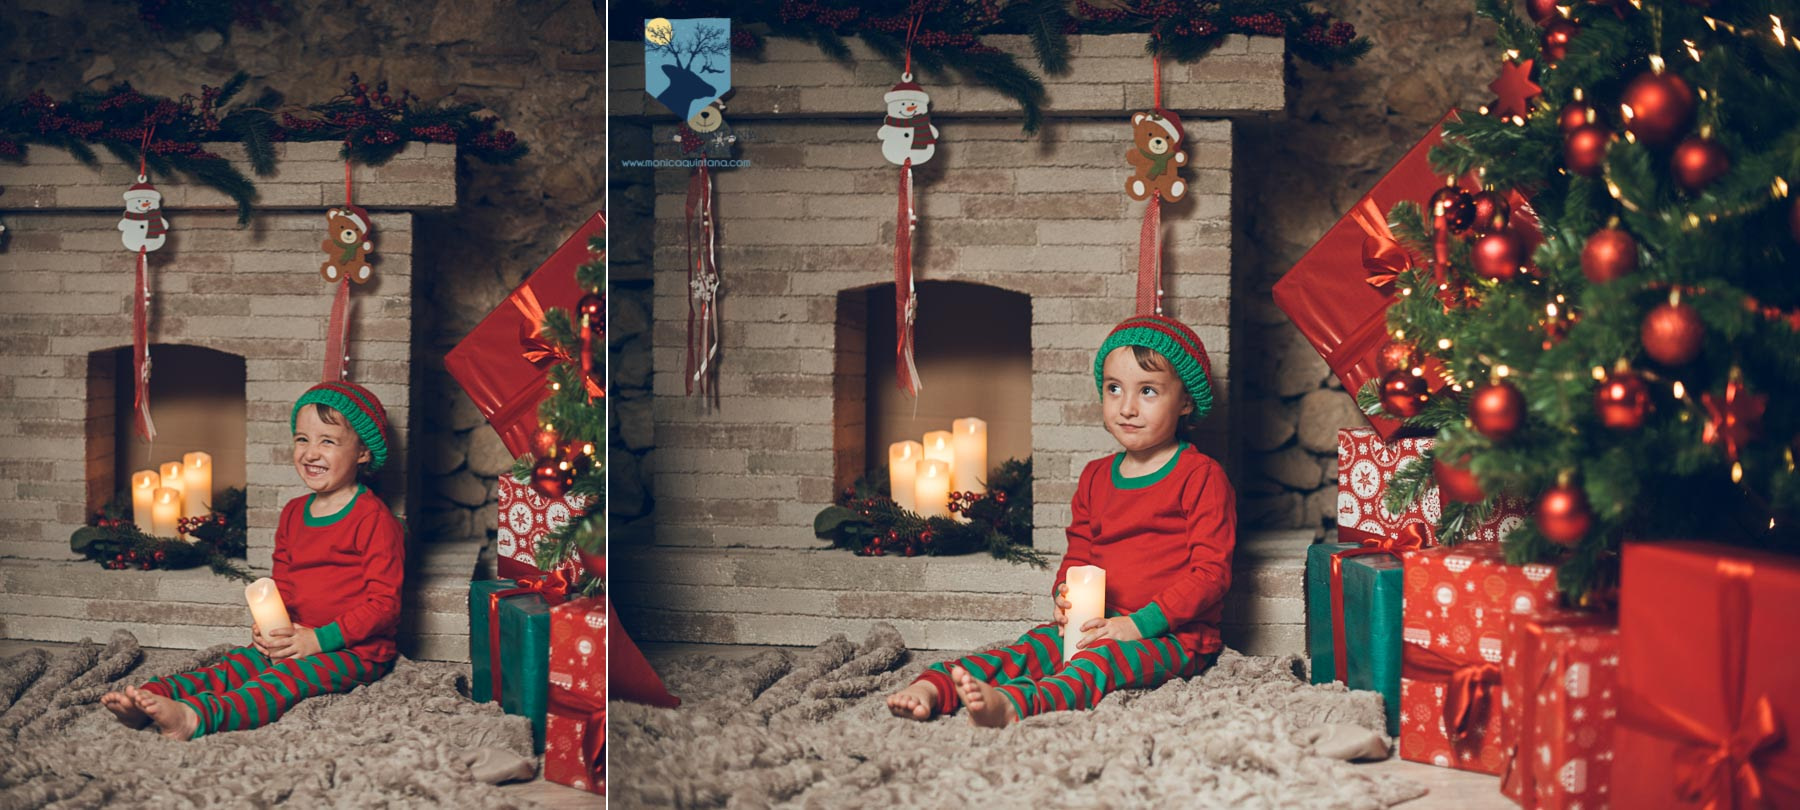 fotografia foto fotografa estudio estudi figueres girona familia nen nena niño niña navidad nadal postal